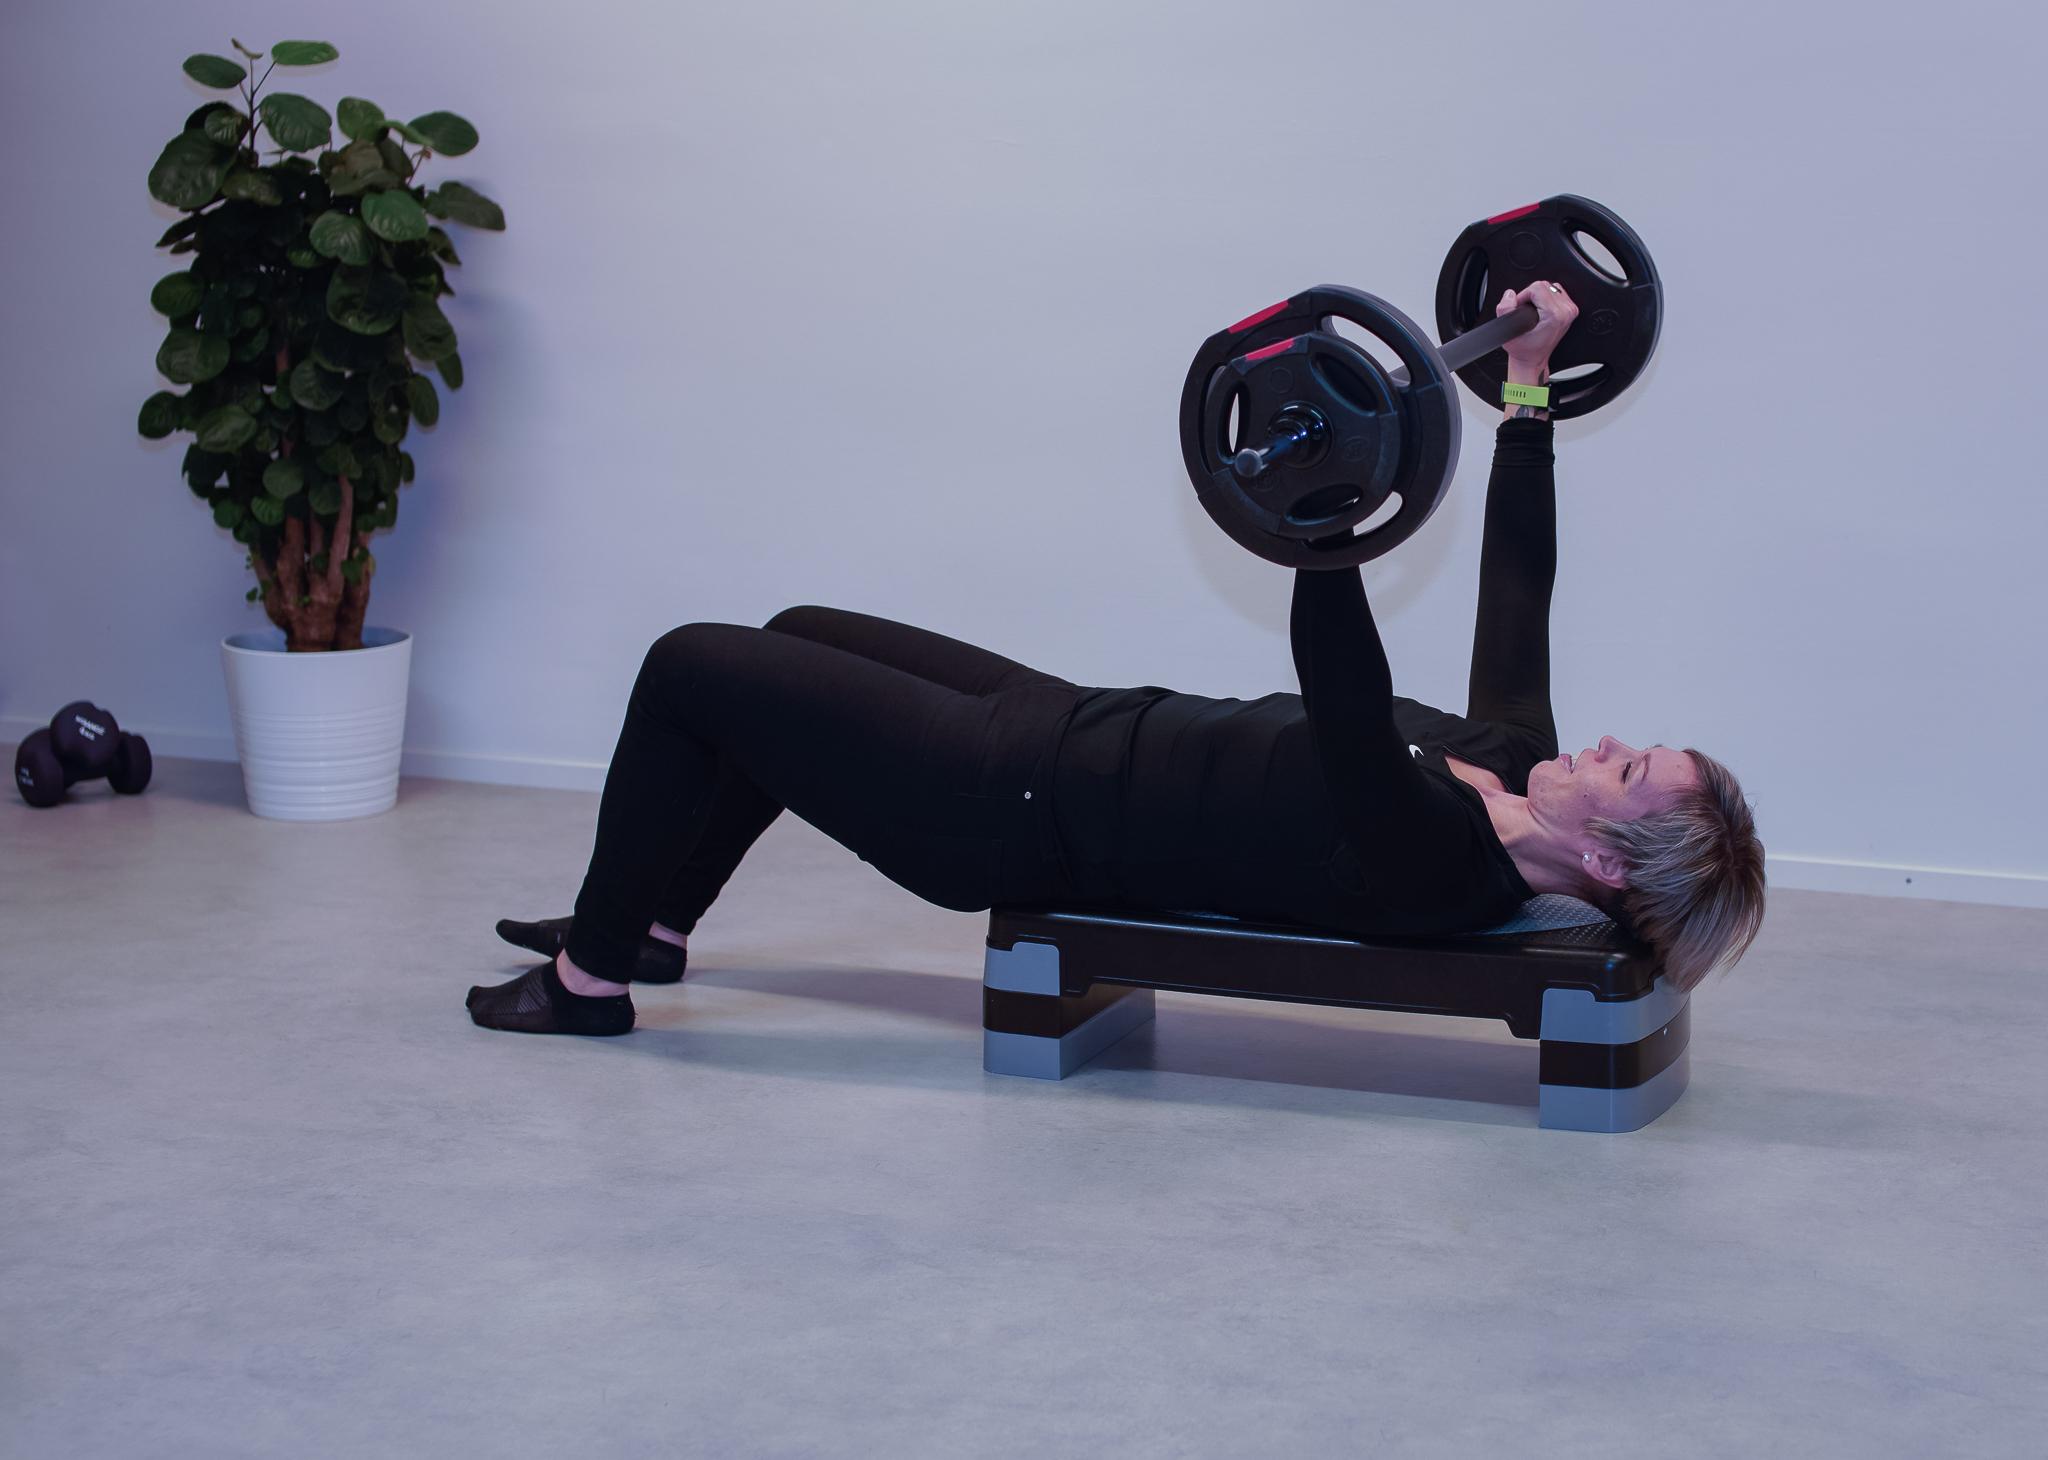 Liikunta- ja fysioterapiapalvelut